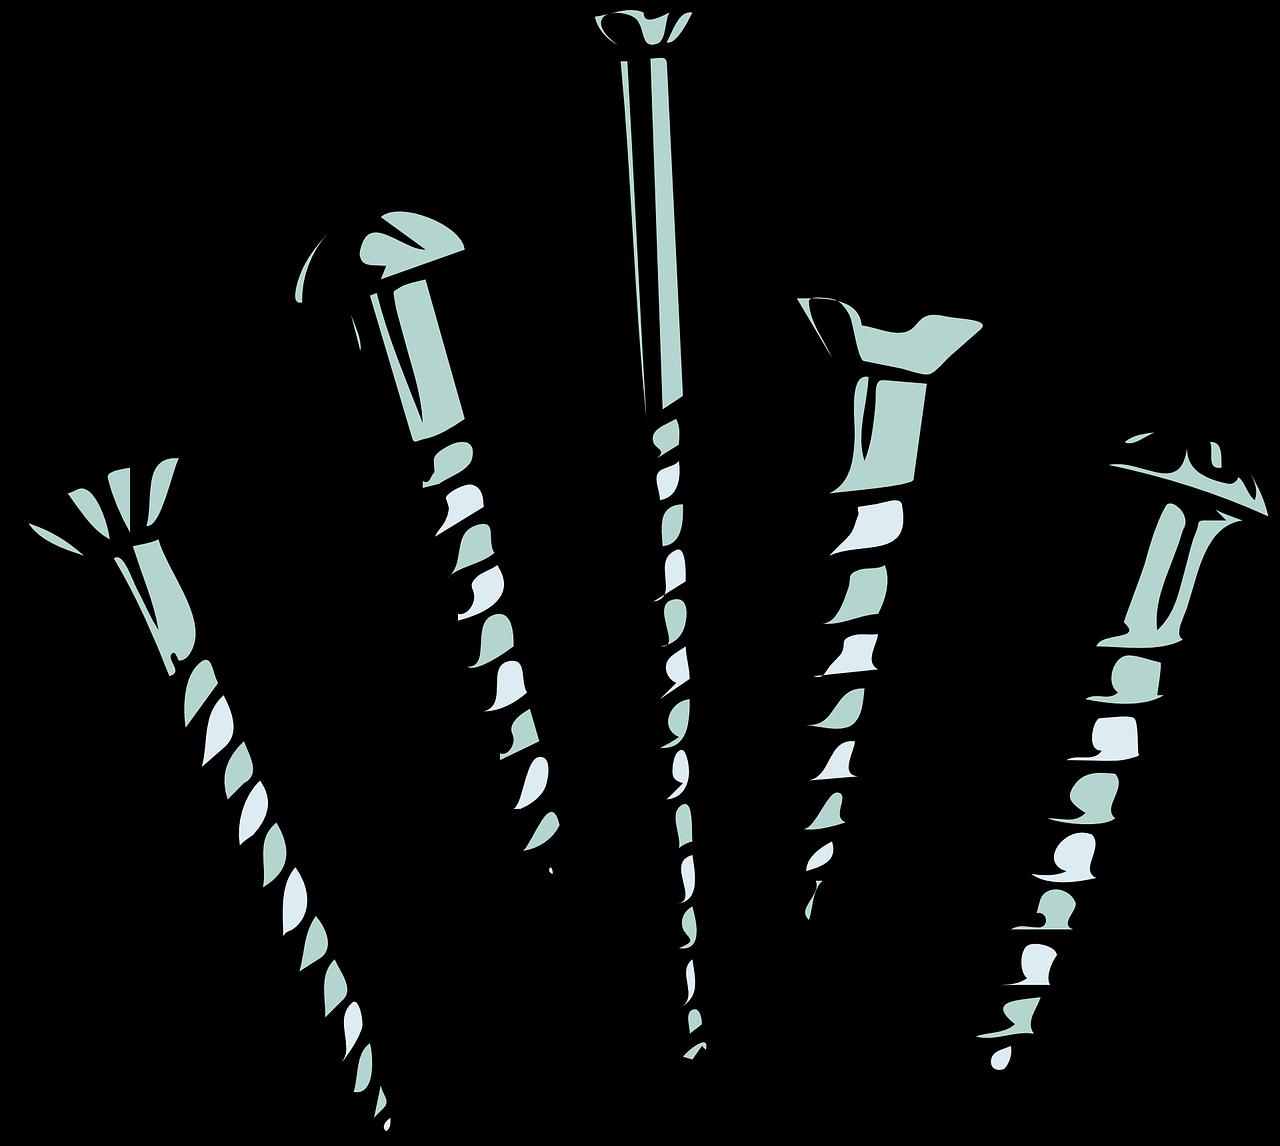 screws, screw, nail